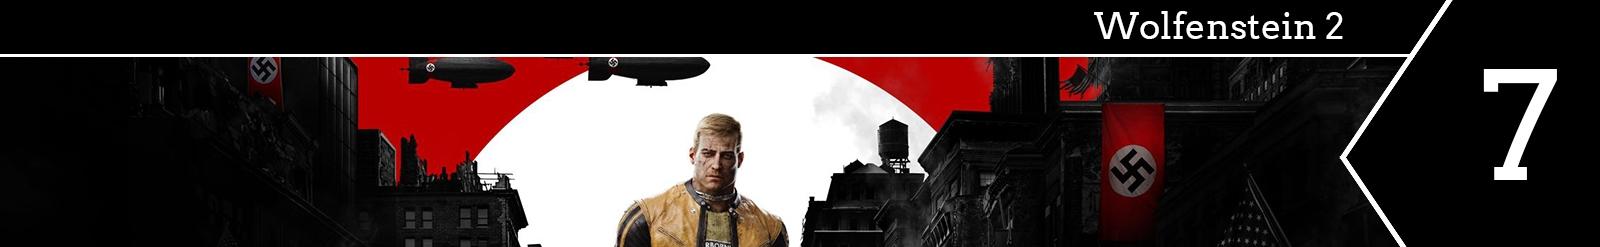 GPN Top 2017: Wolfenstein 2